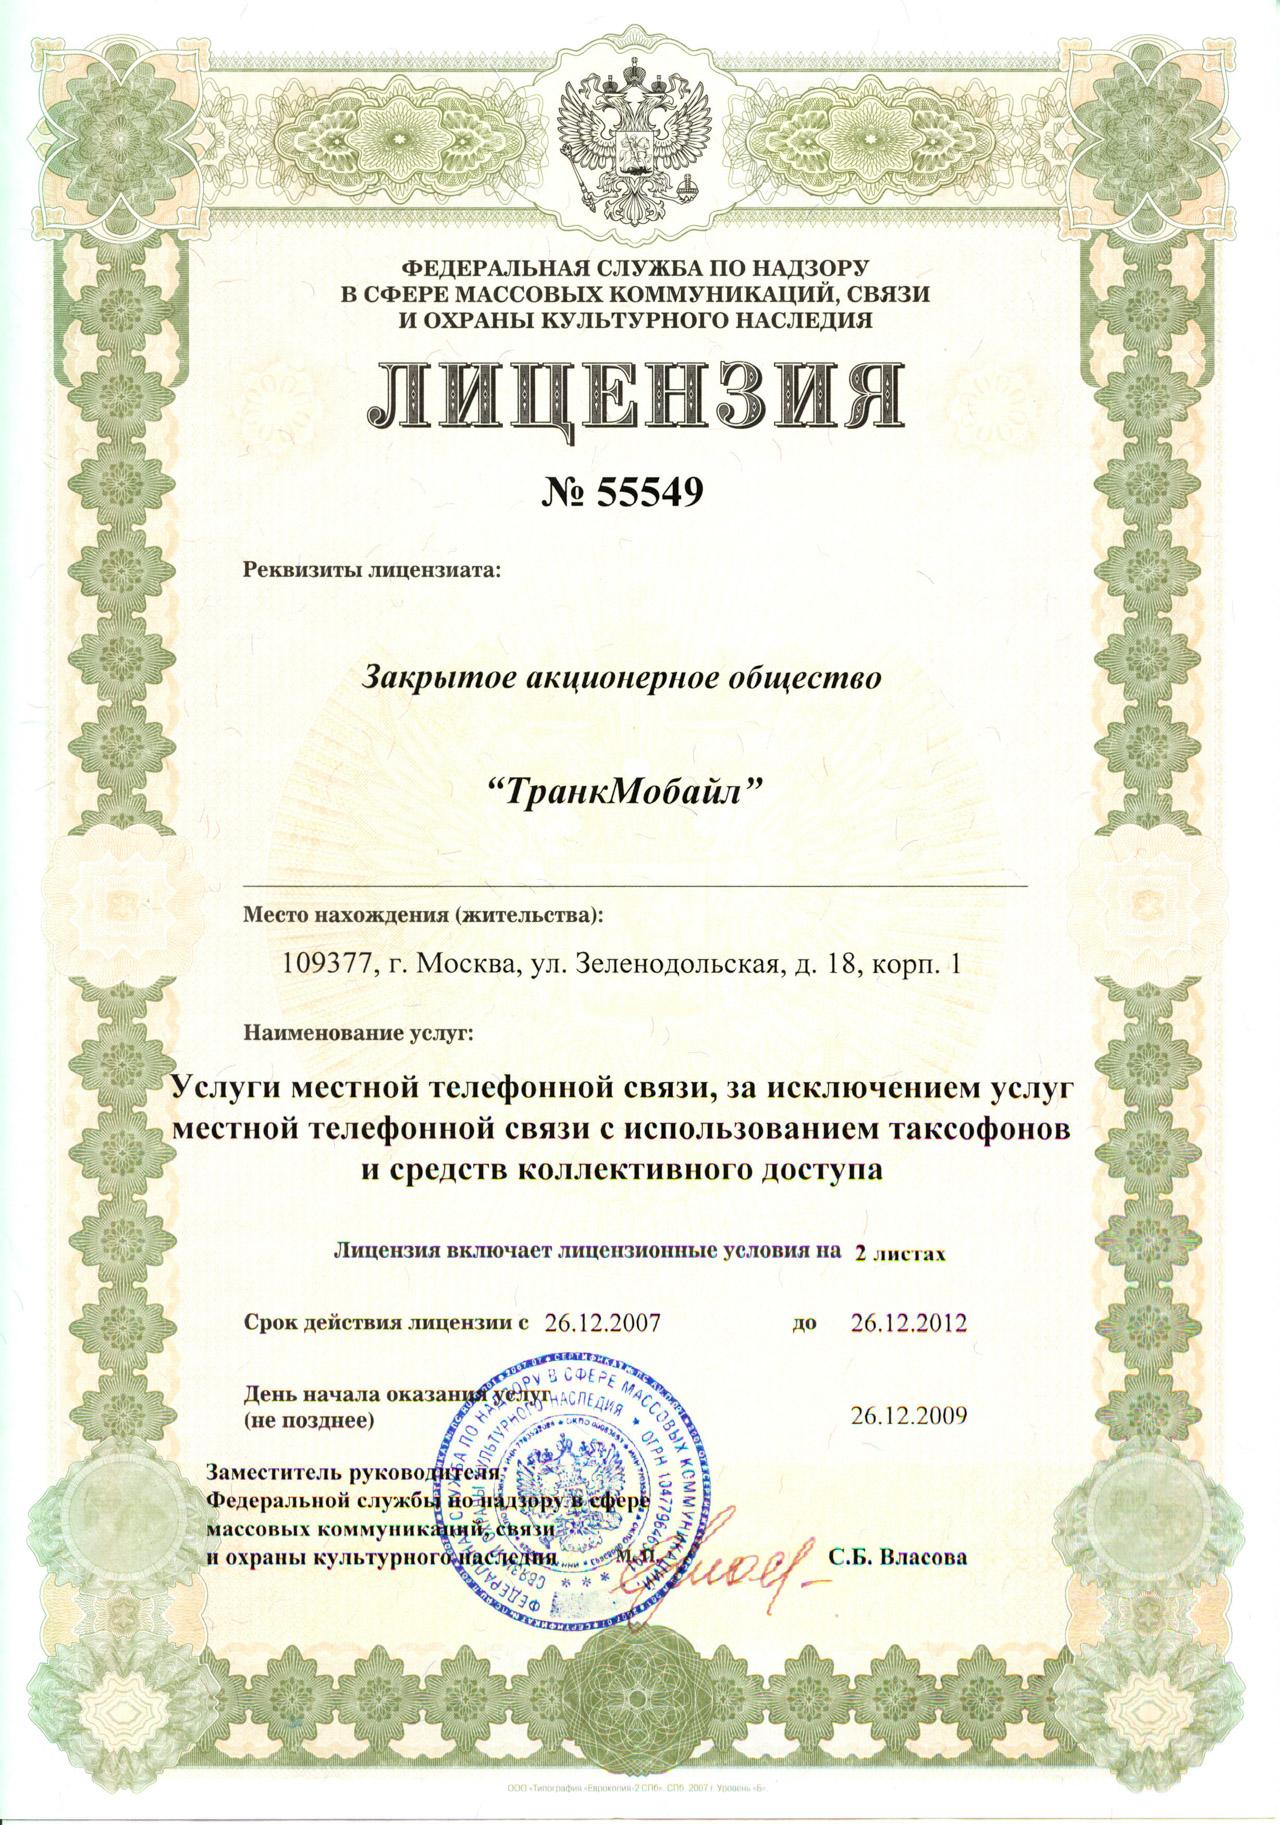 license_yslygi_mestnoi_tel_svyazi